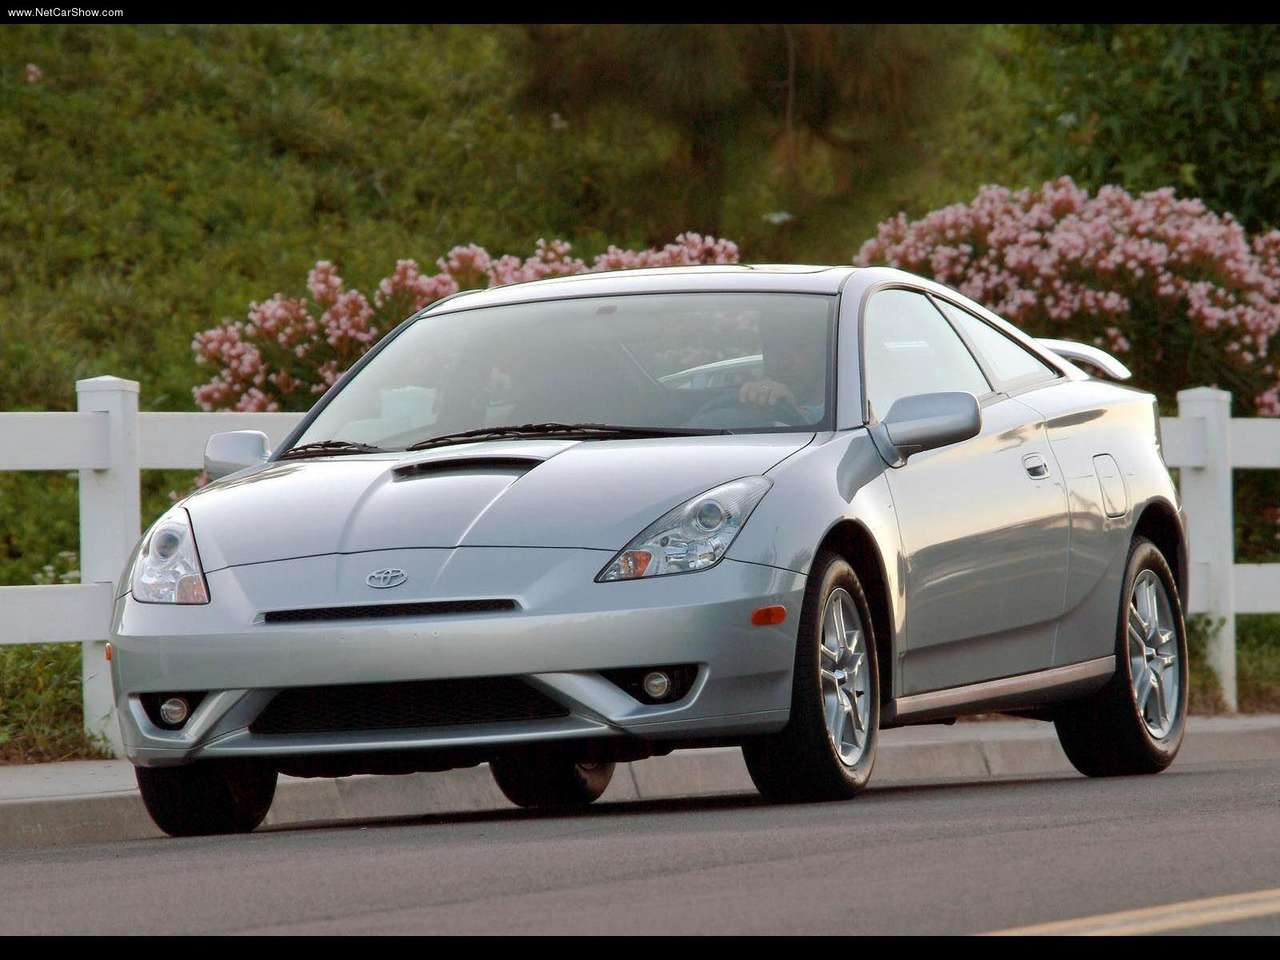 http://2.bp.blogspot.com/_lsyt_wQ2awY/TGJtl3mq0vI/AAAAAAACDZE/ibmCuuzG-60/s1600/Toyota-Celica_GTS_2003_1280x960_wallpaper_03.jpg